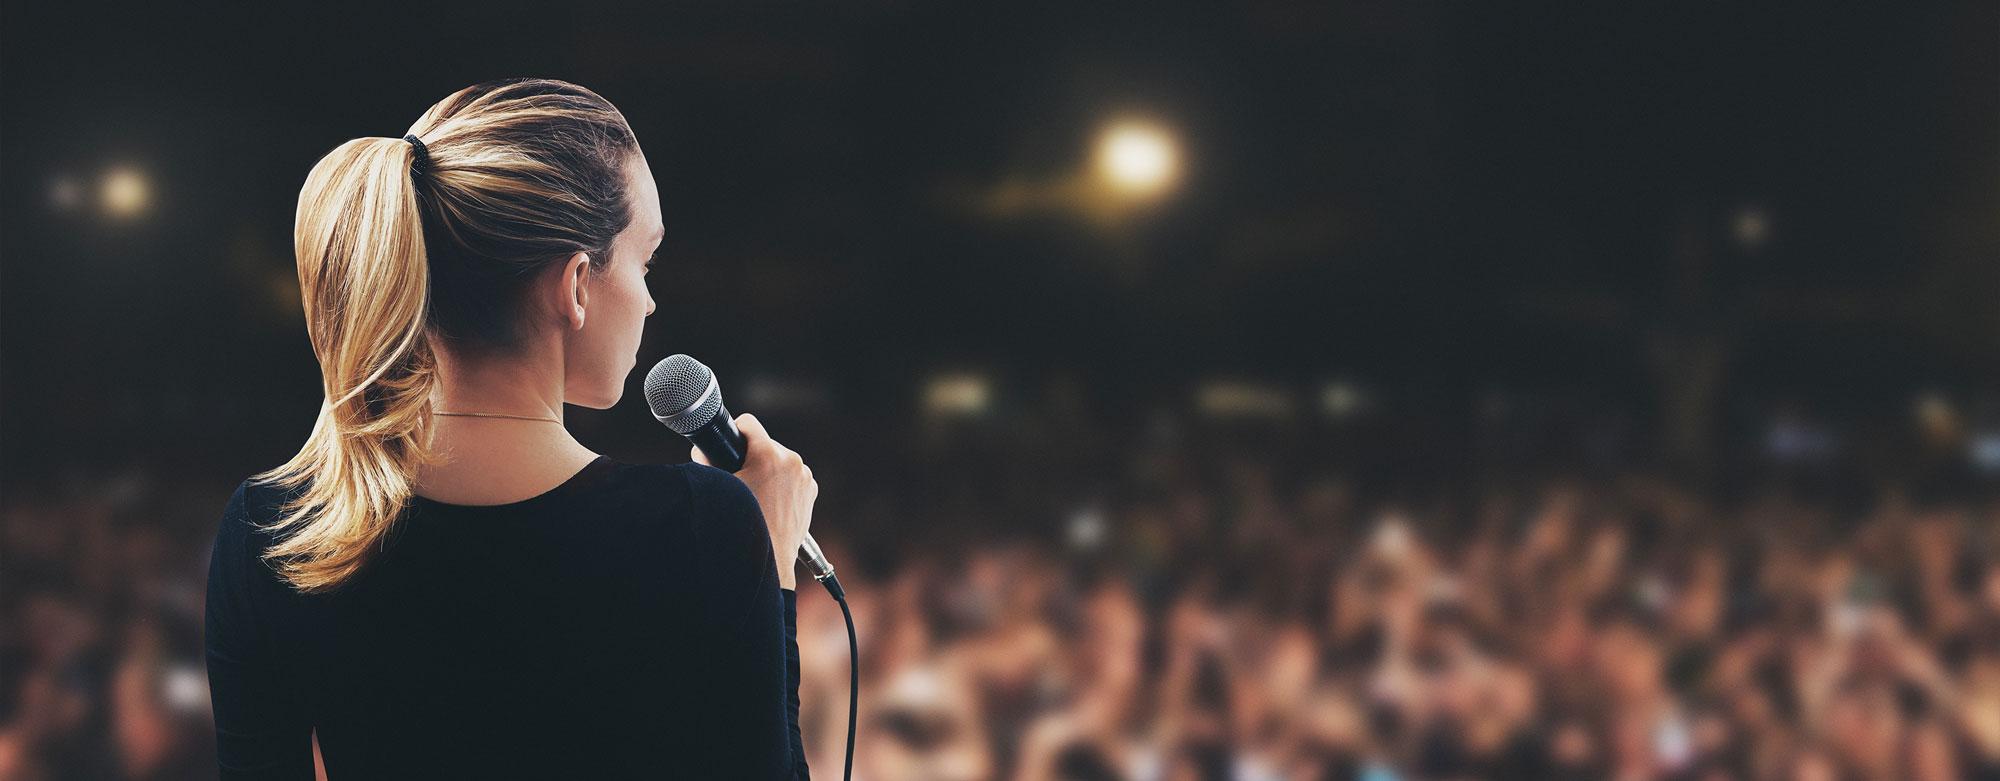 Eventi pubblici come strumenti di testimonianza